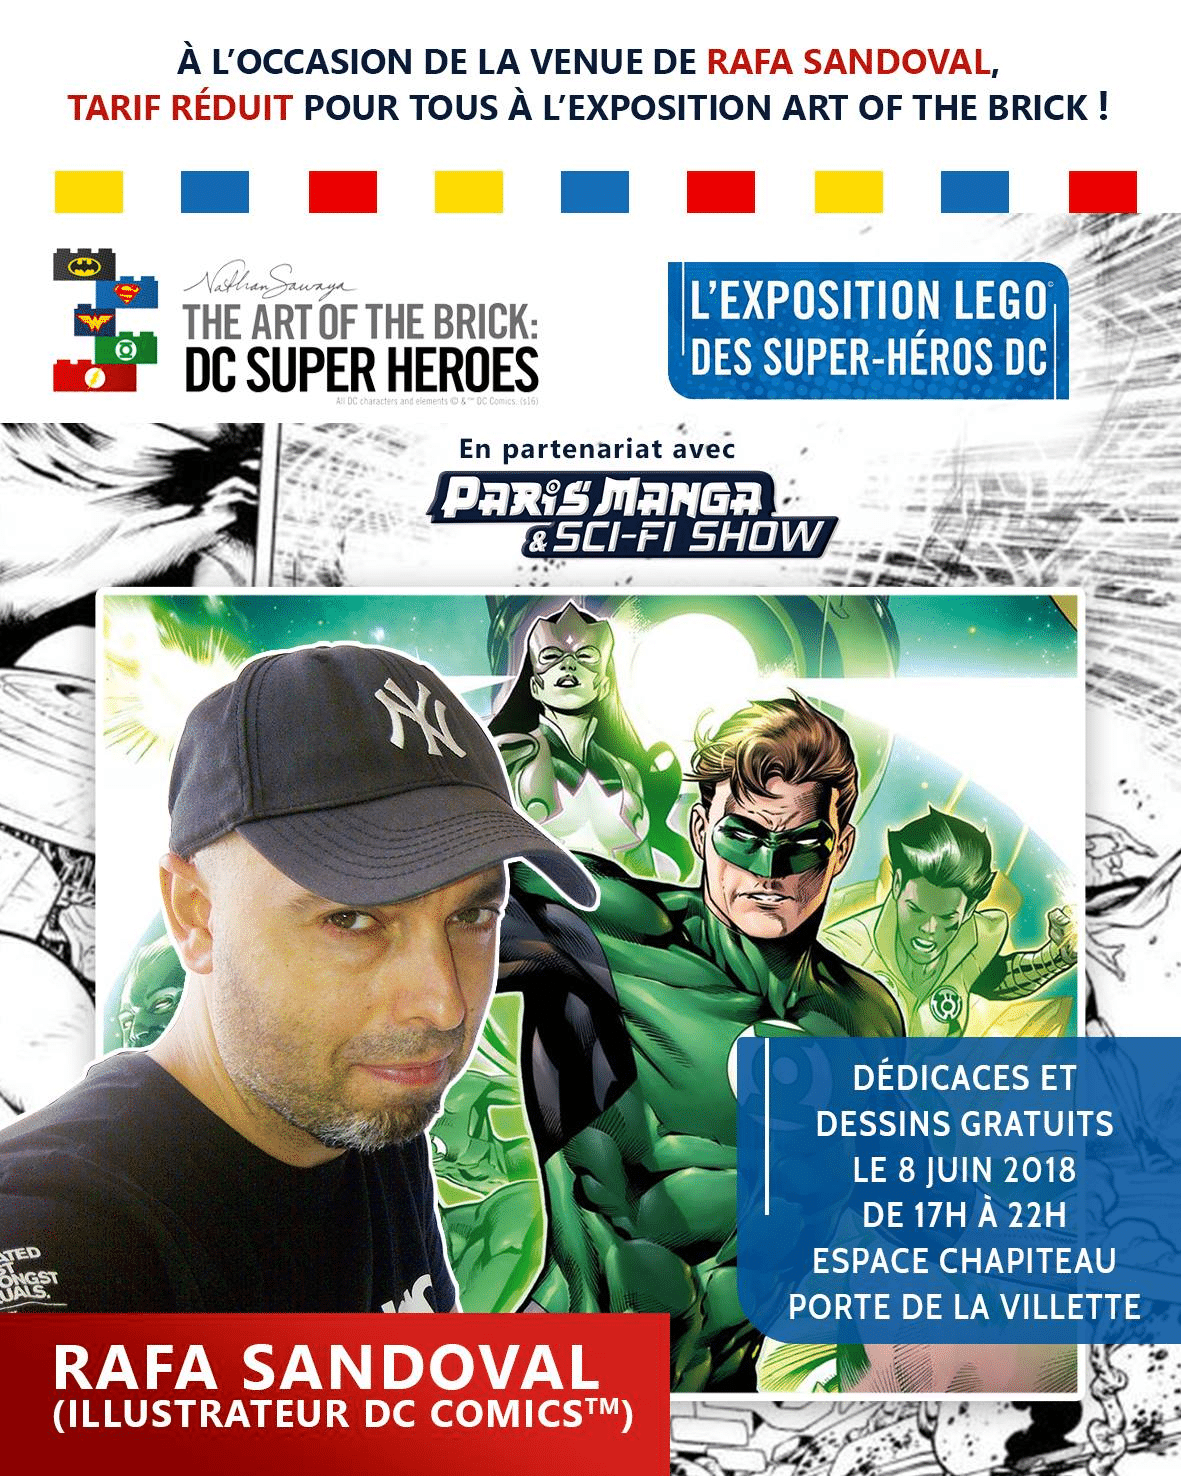 The Art Of The Brick : DC Super Heroes invite Rafa Sandoval le 08 juin 1